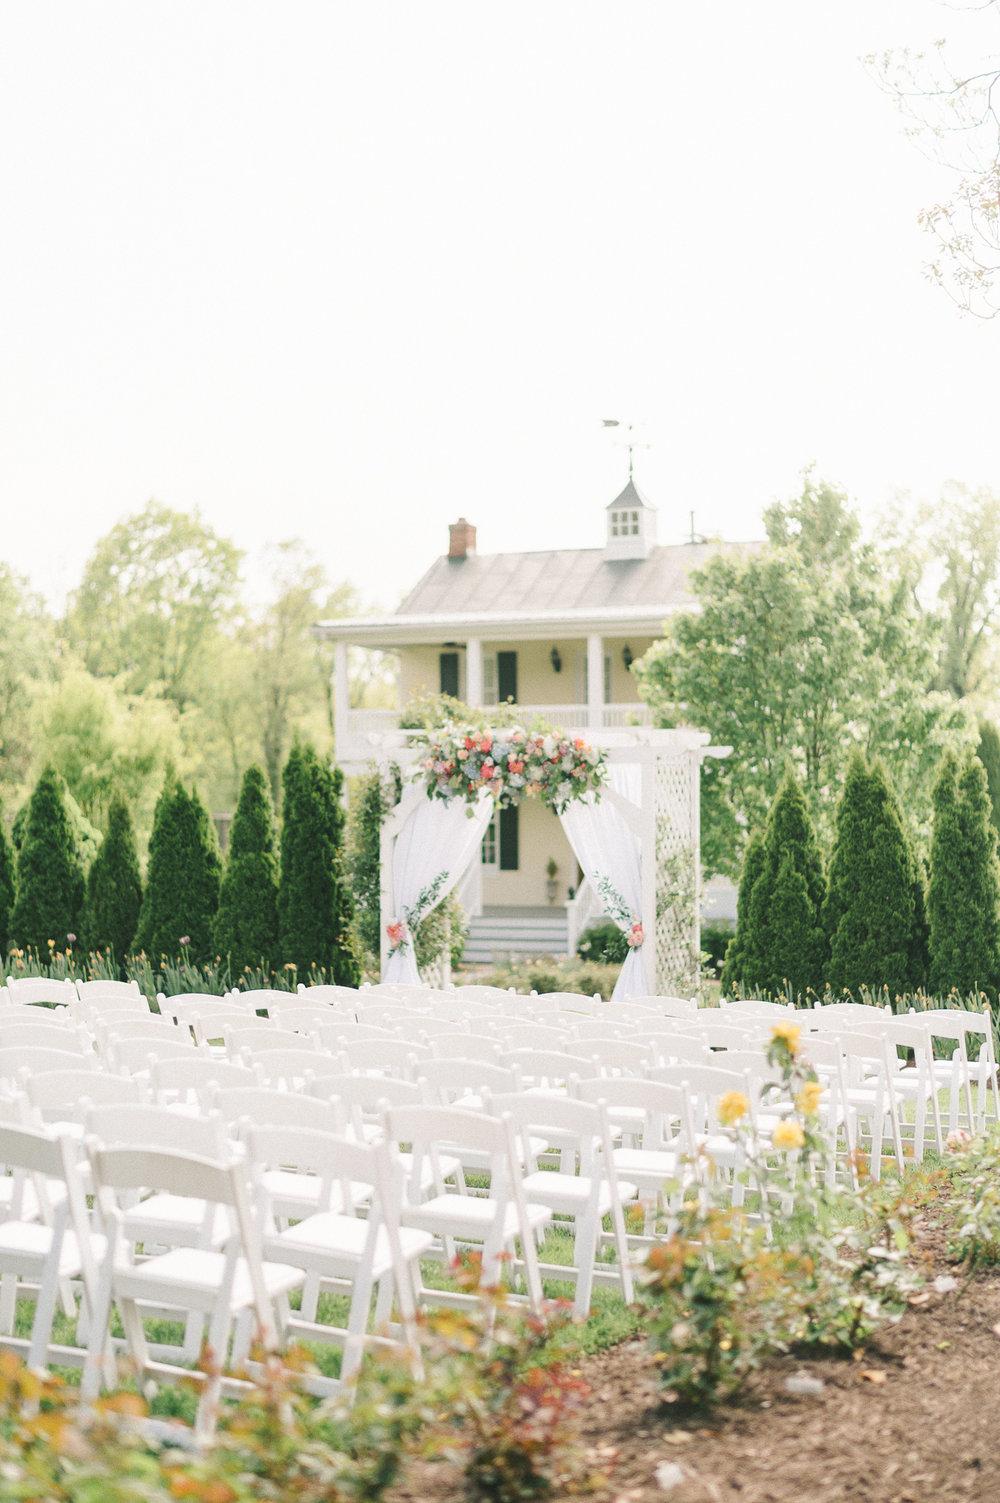 Elizabeth-Fogarty-Wedding-Photography-106.jpg